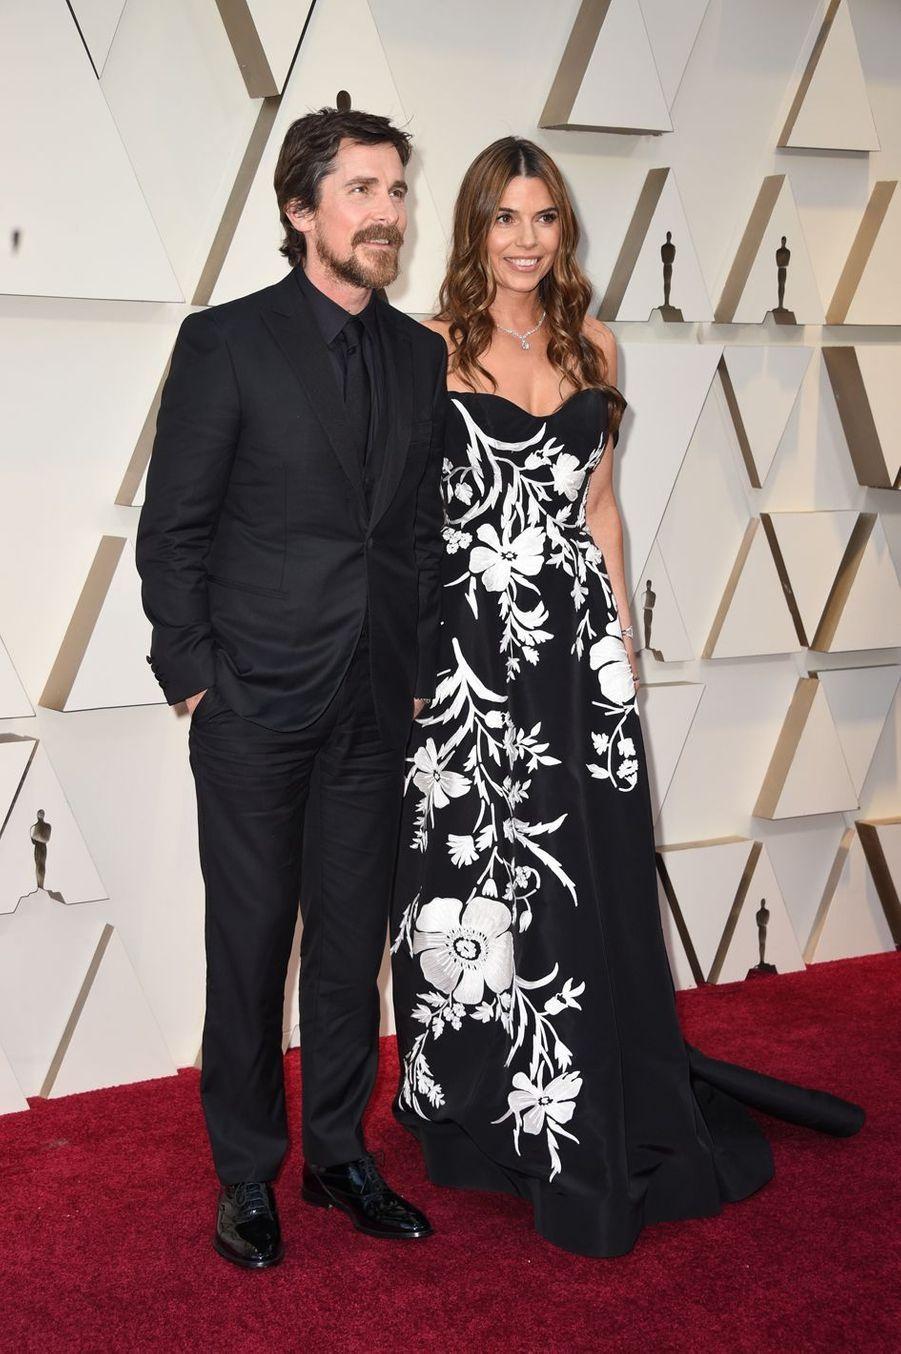 Christian Bale et Siibi Blazicsur le tapis rouge de la 91e cérémonie des Oscars le 24 février 2019